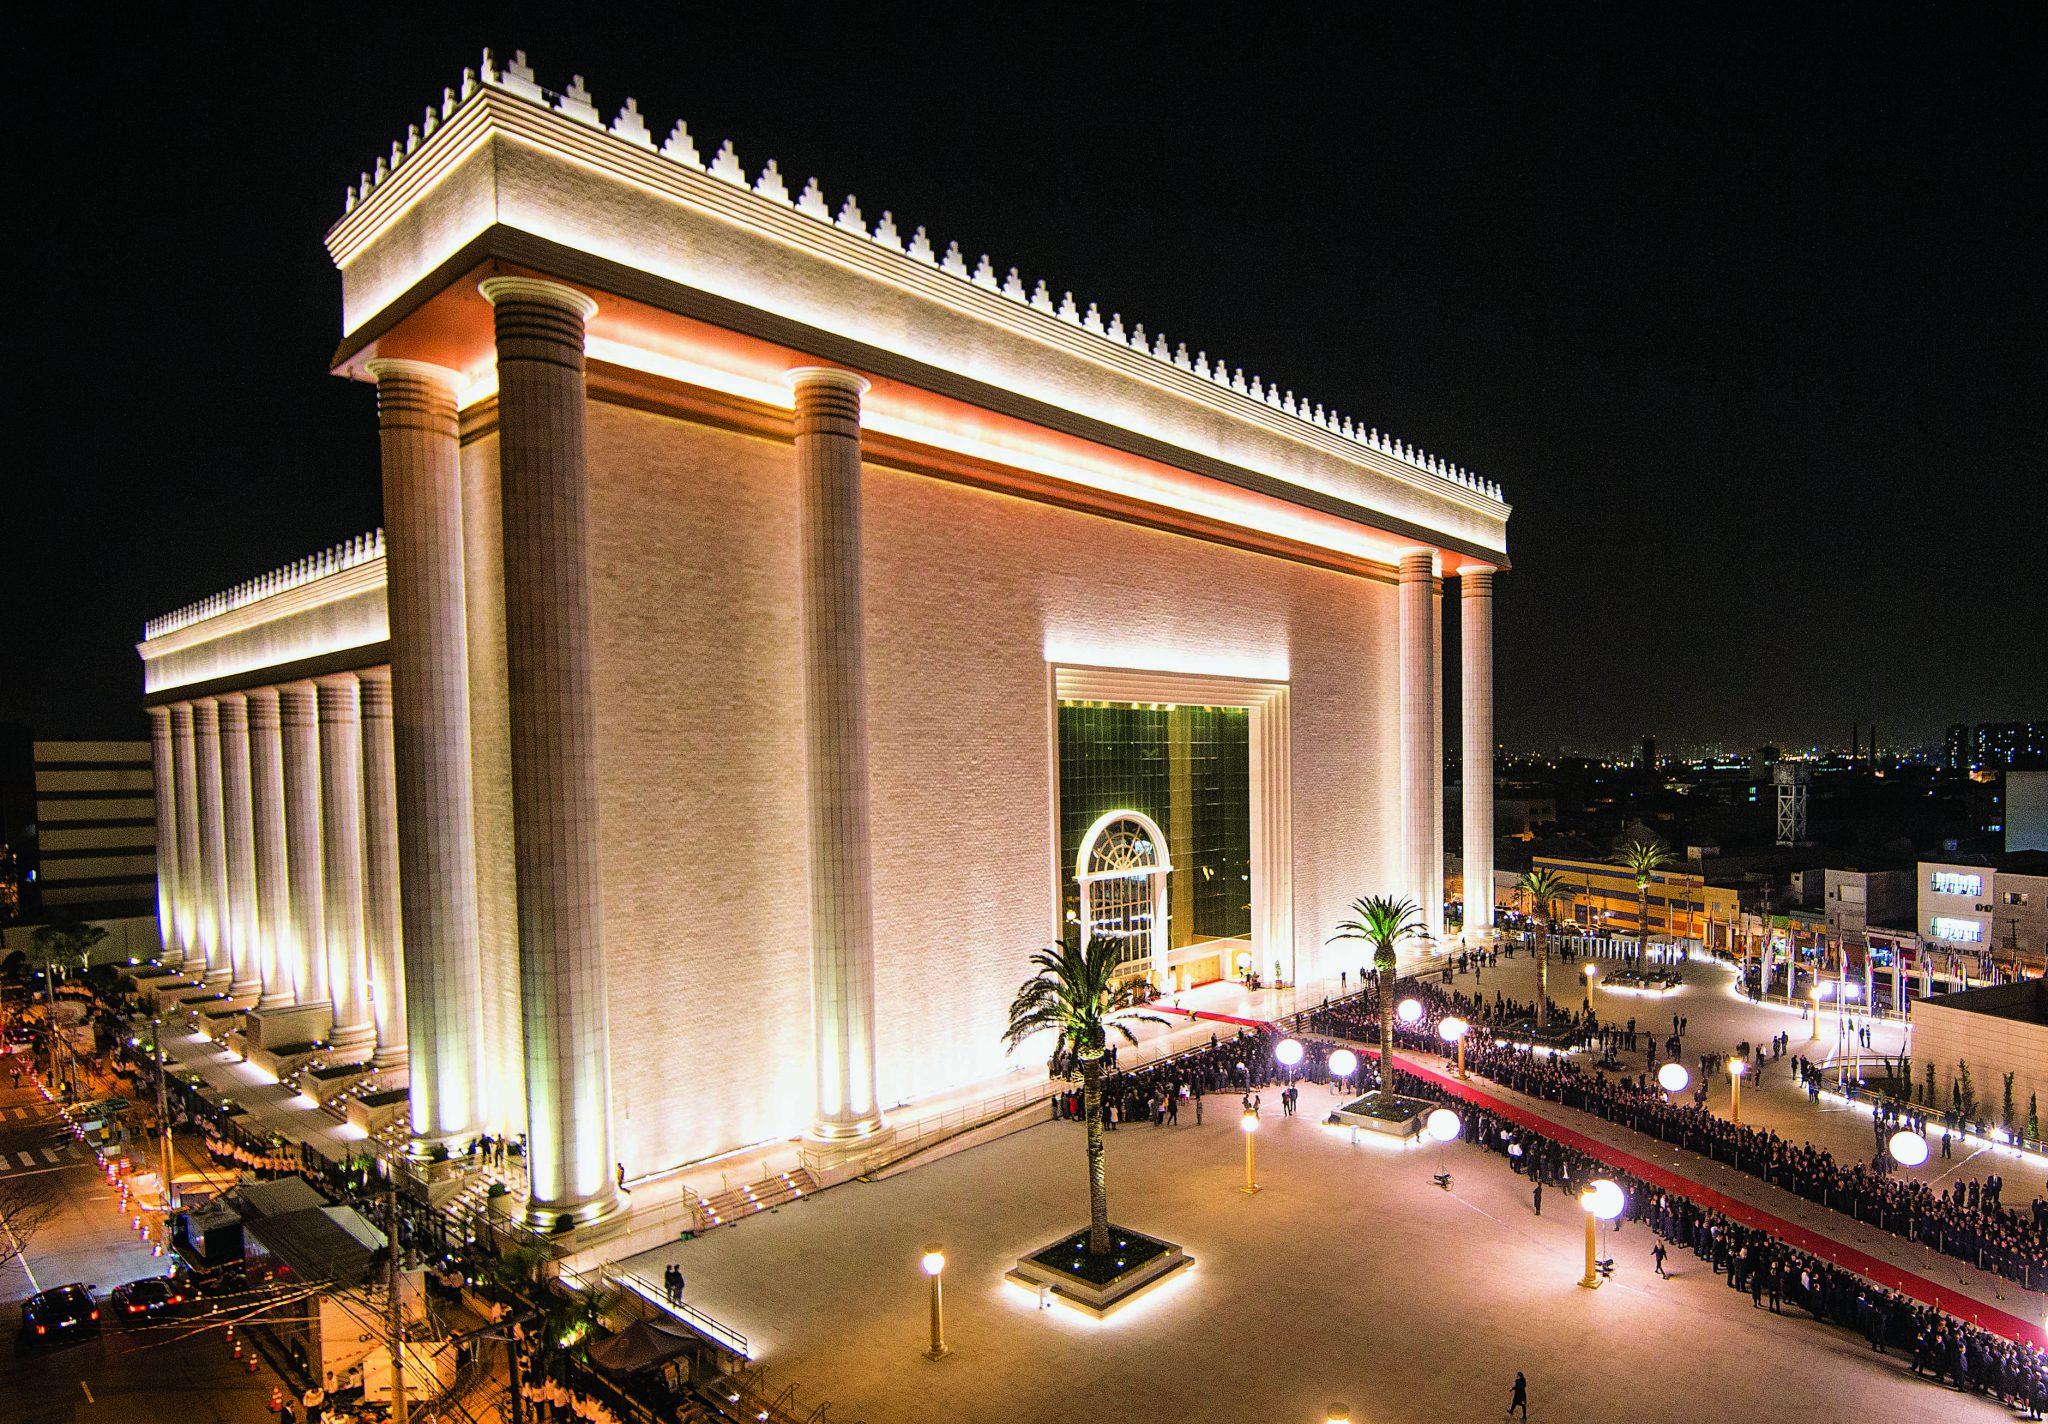 templo-de-salomao